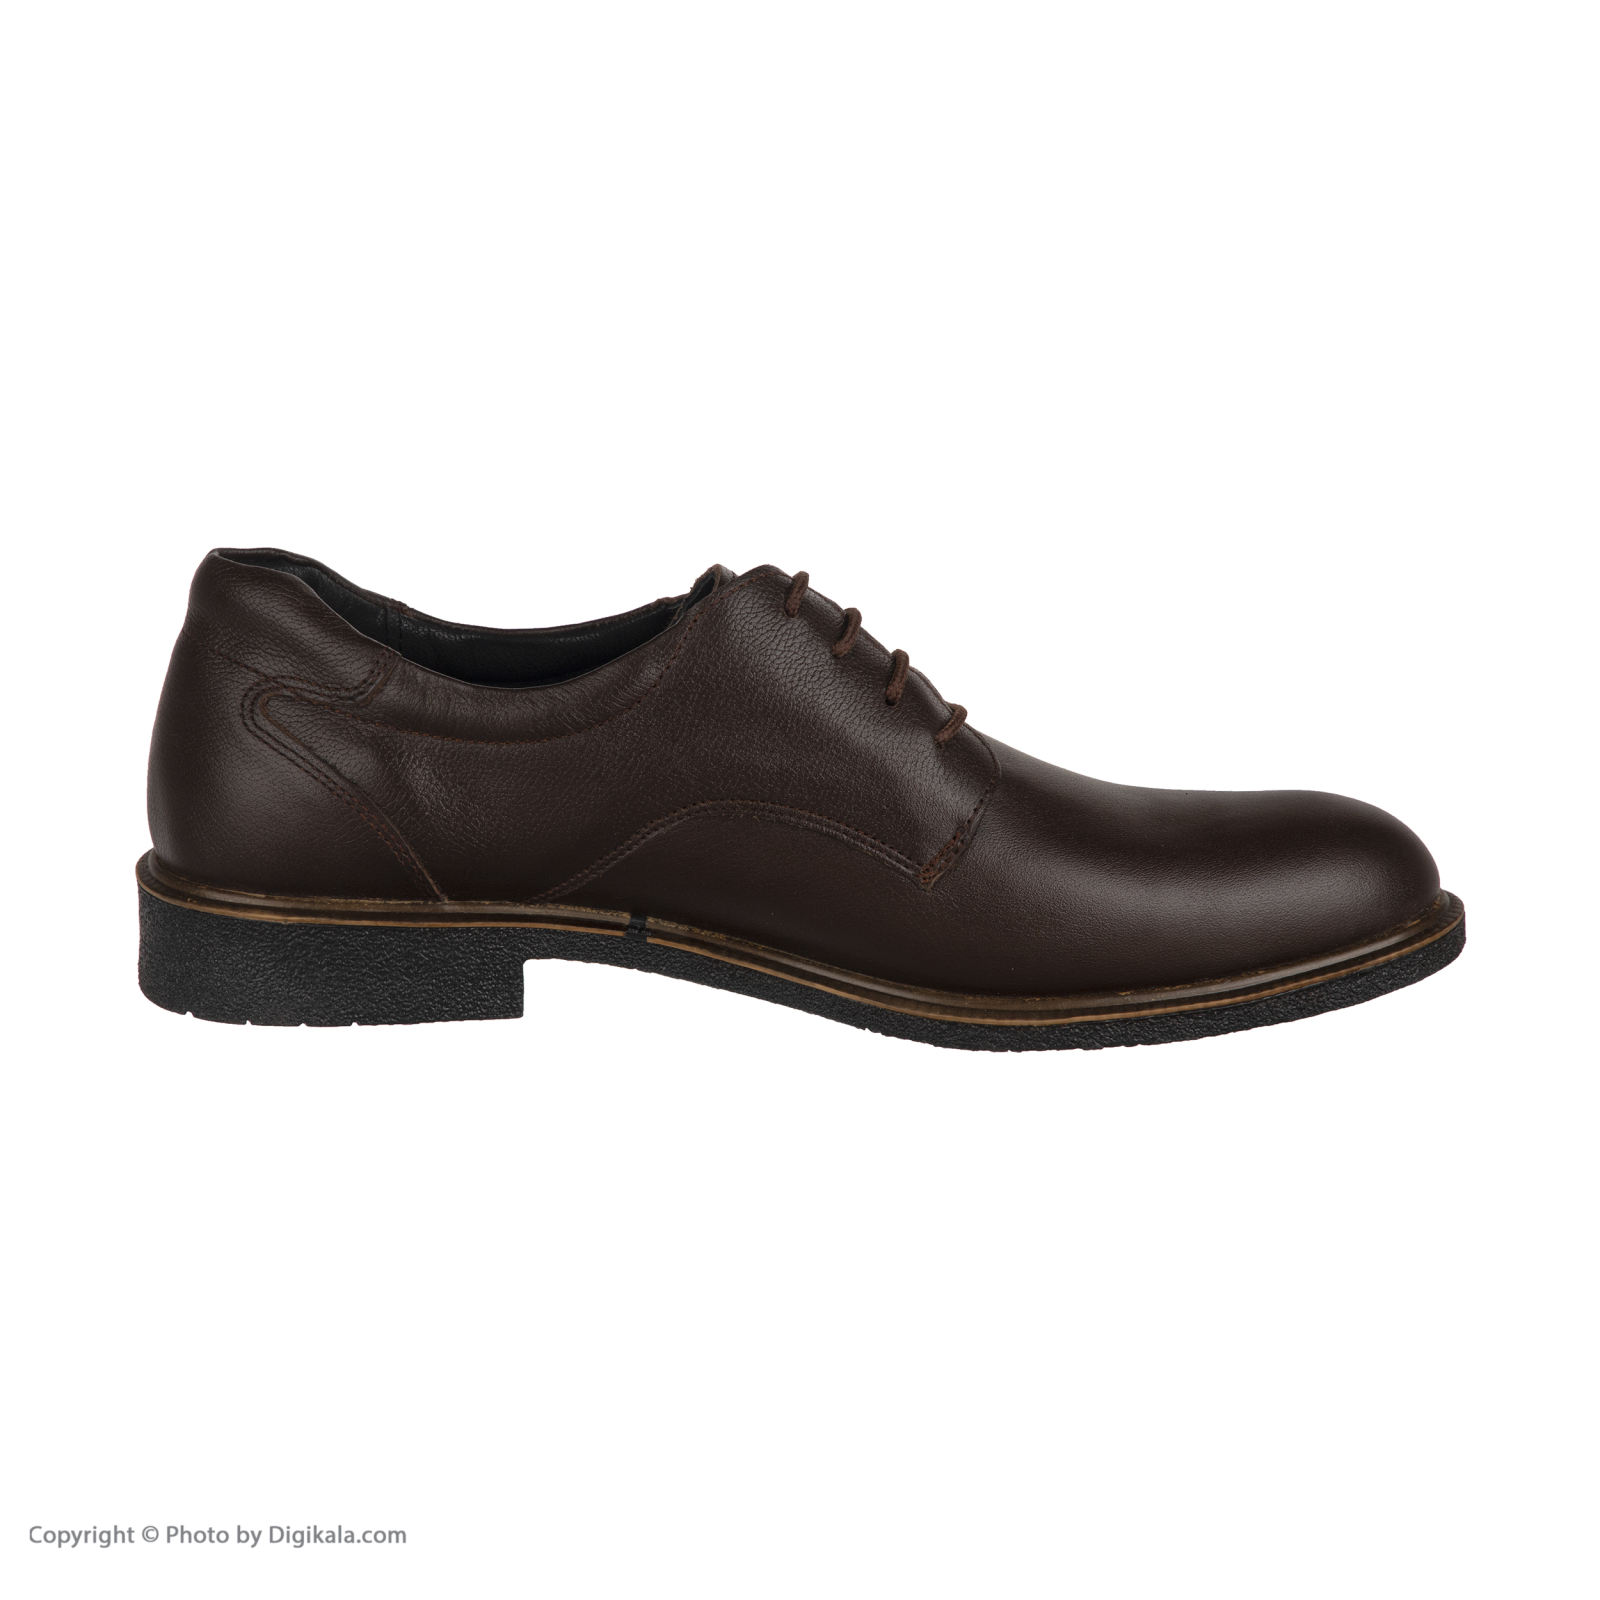 کفش مردانه سوته مدل 4870L503104 -  - 6